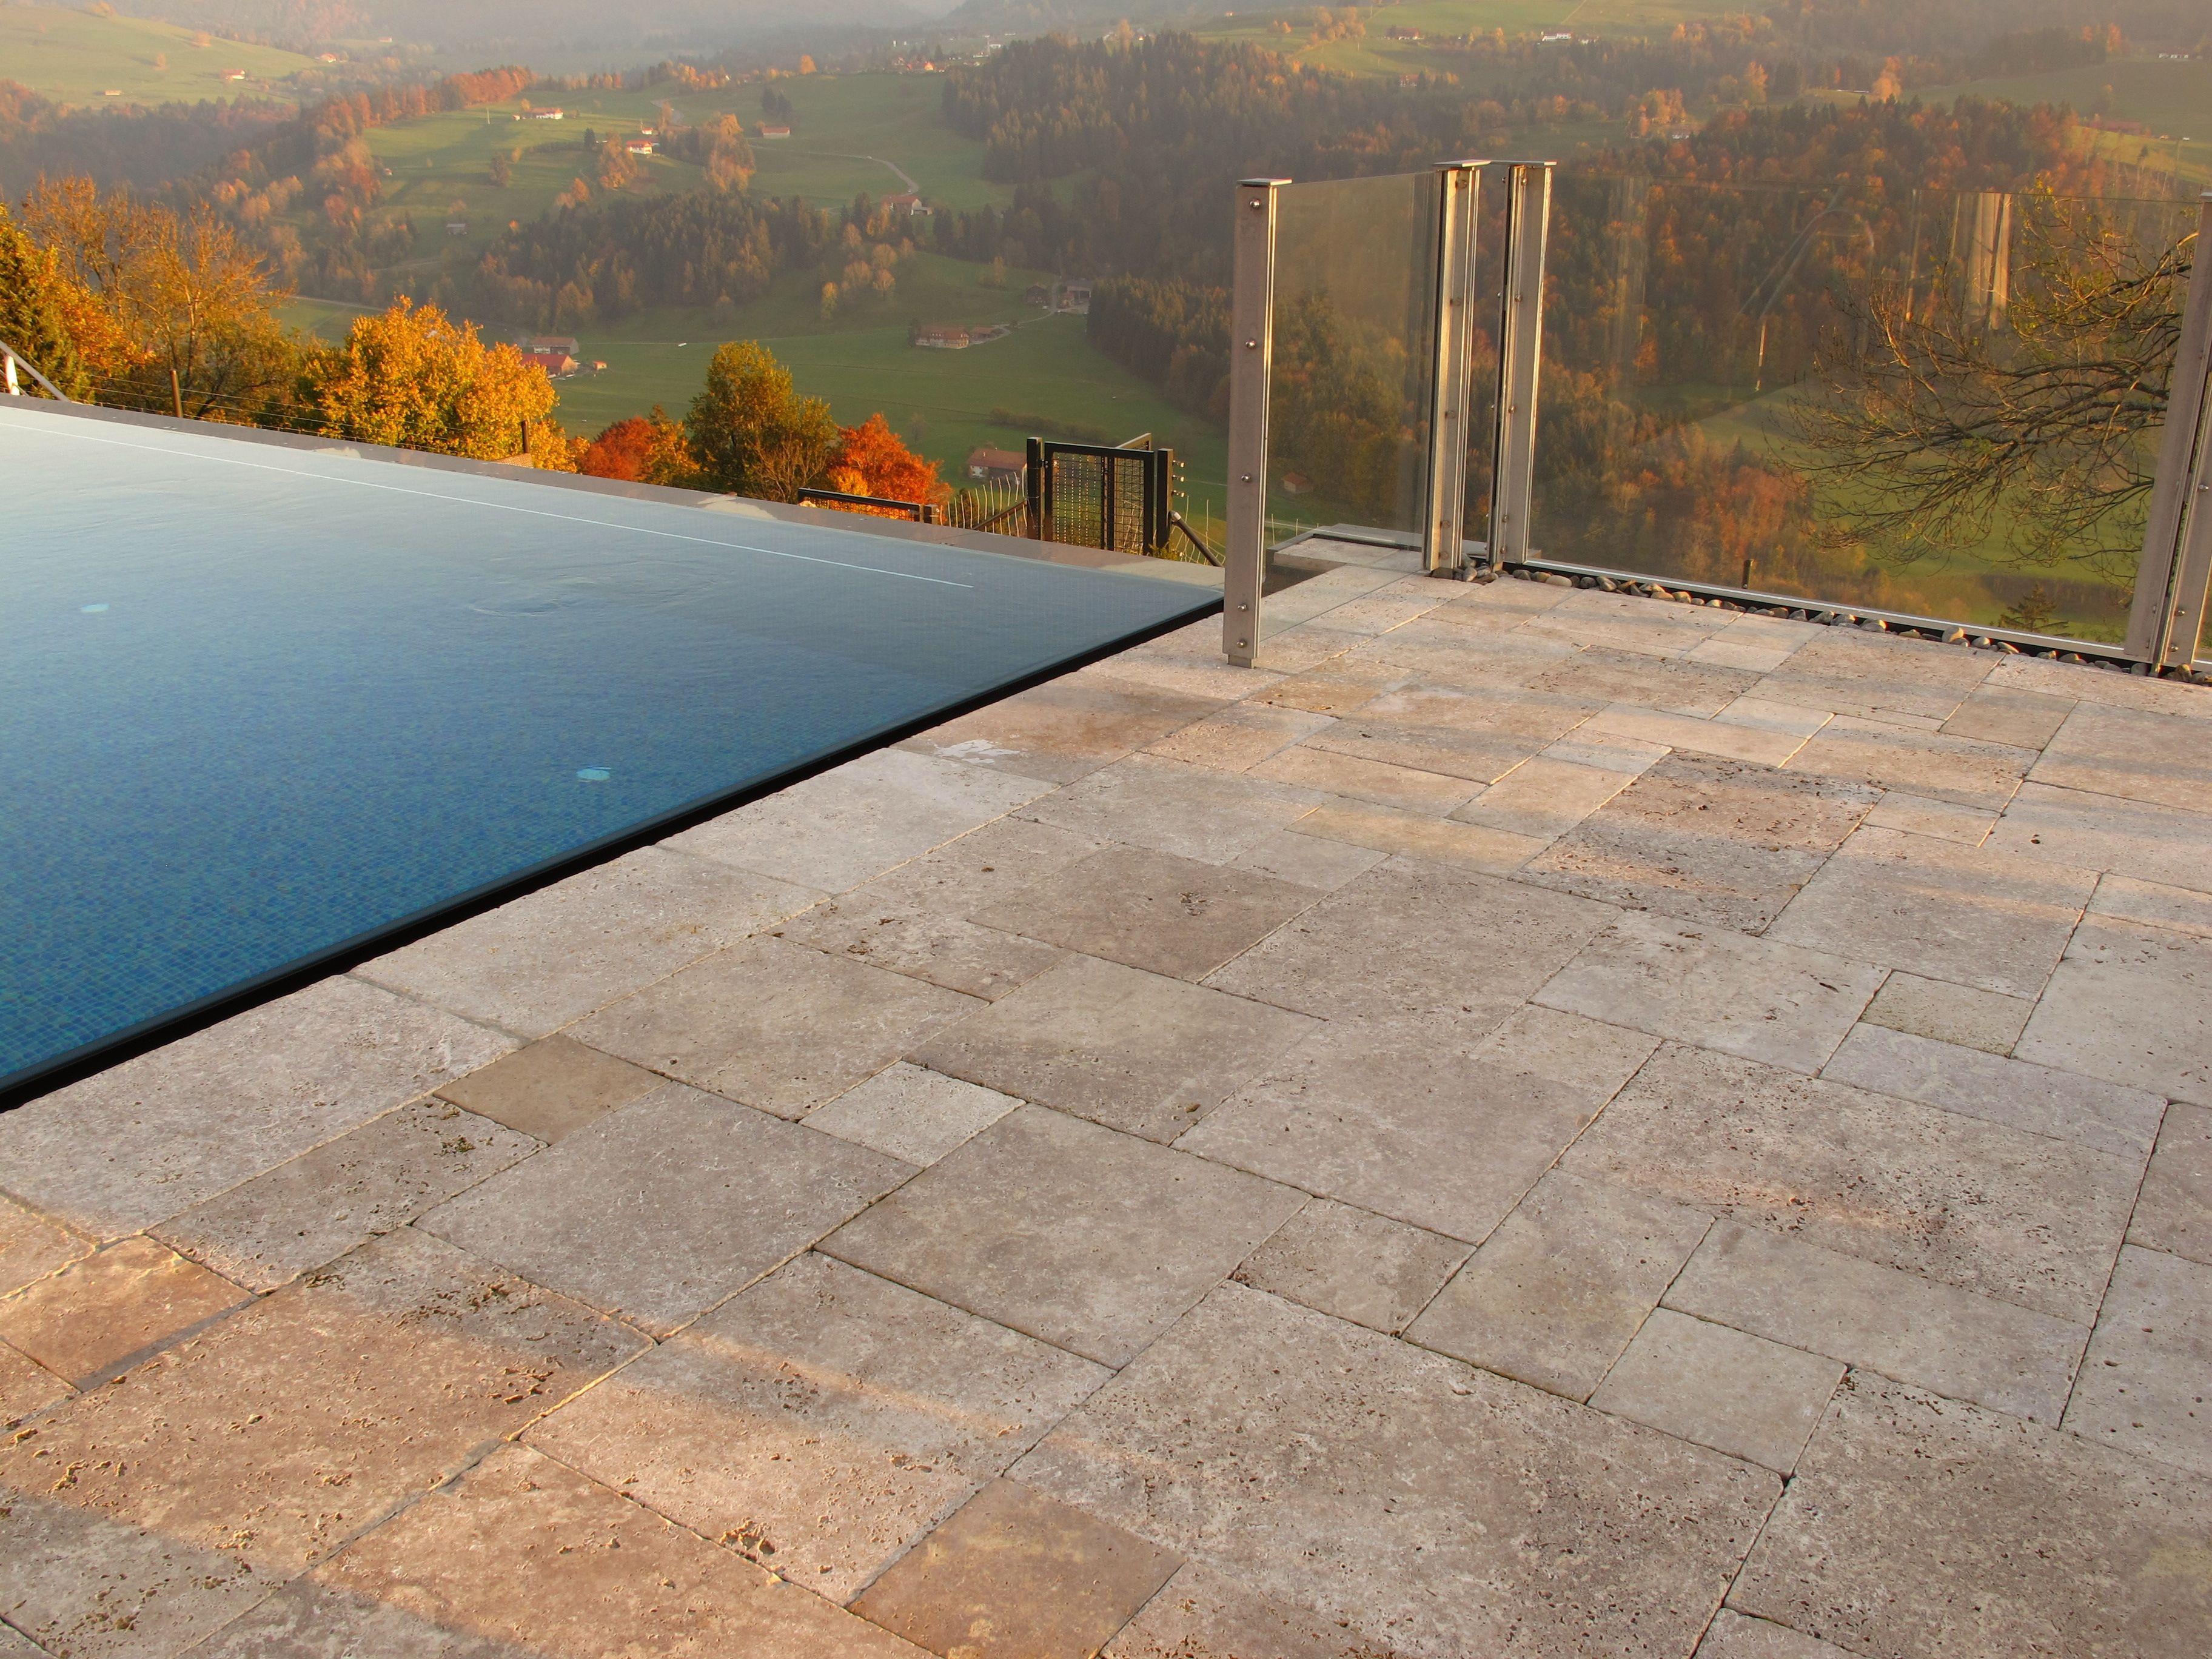 Travertin Terrassenplatten diese schönen terrassenplatten im farbton noce sind in einem